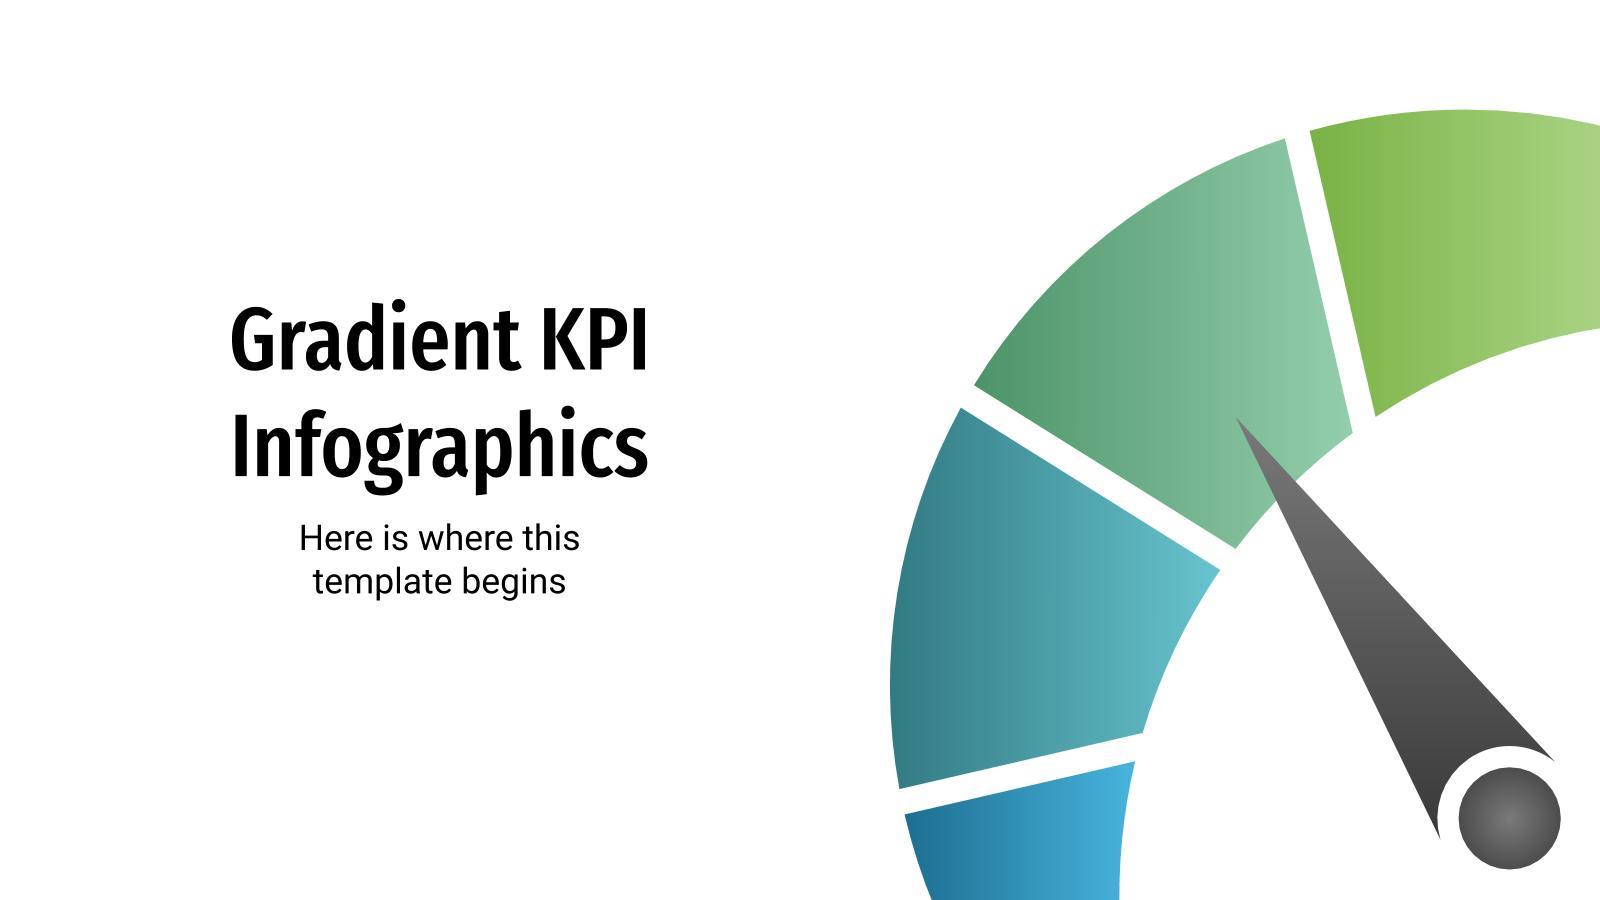 Plantilla de presentación Infografías de KPI con degradados